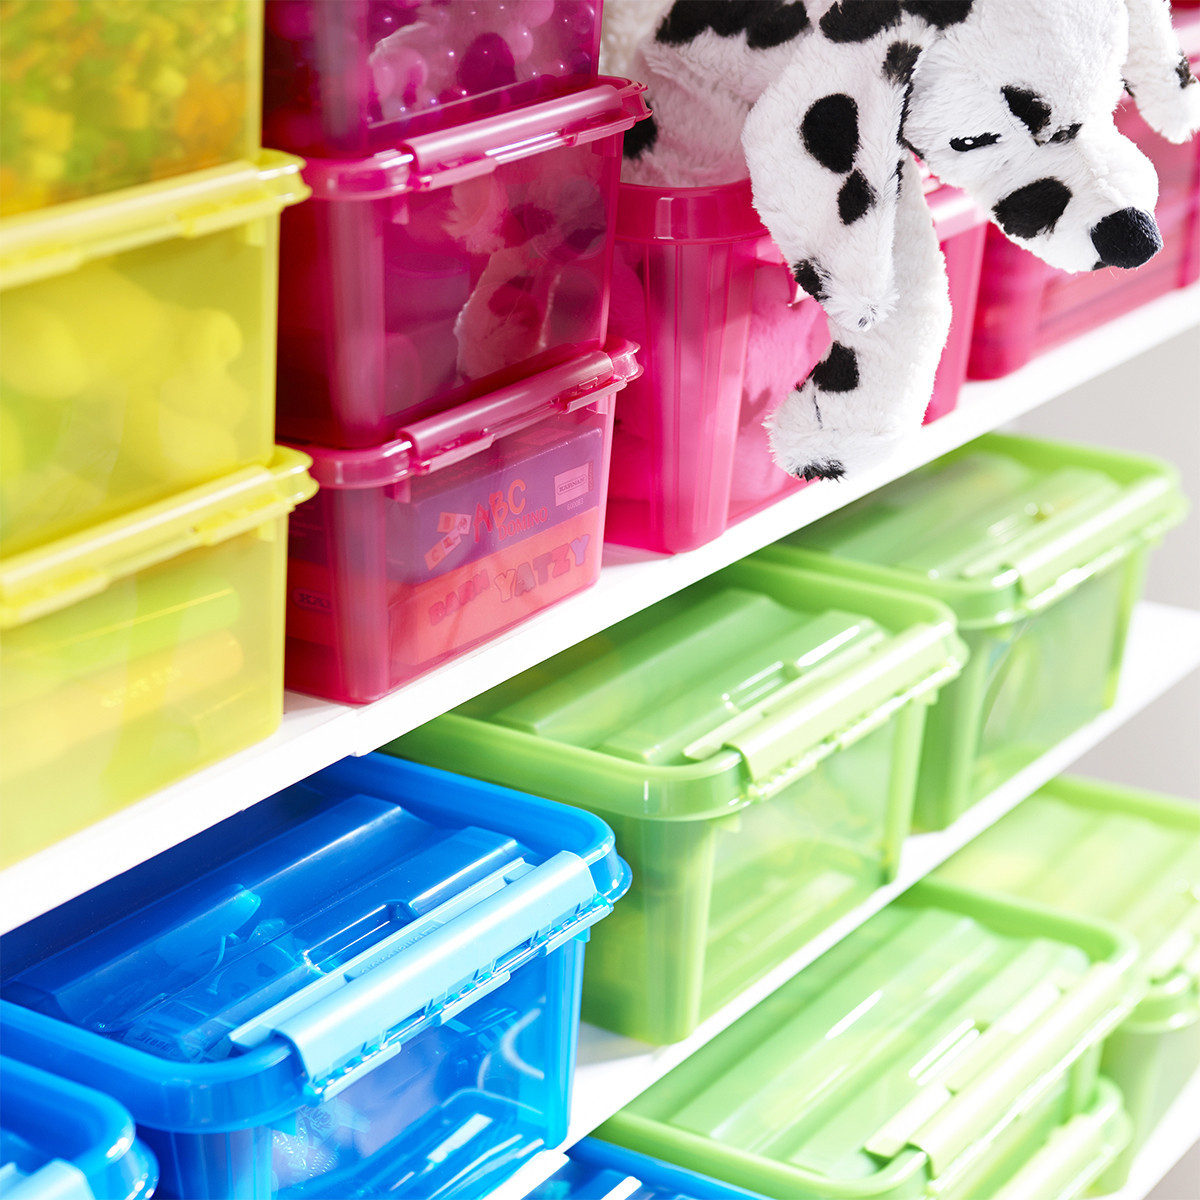 bo te de rangement jouets d 39 enfant rose 28x28x17. Black Bedroom Furniture Sets. Home Design Ideas